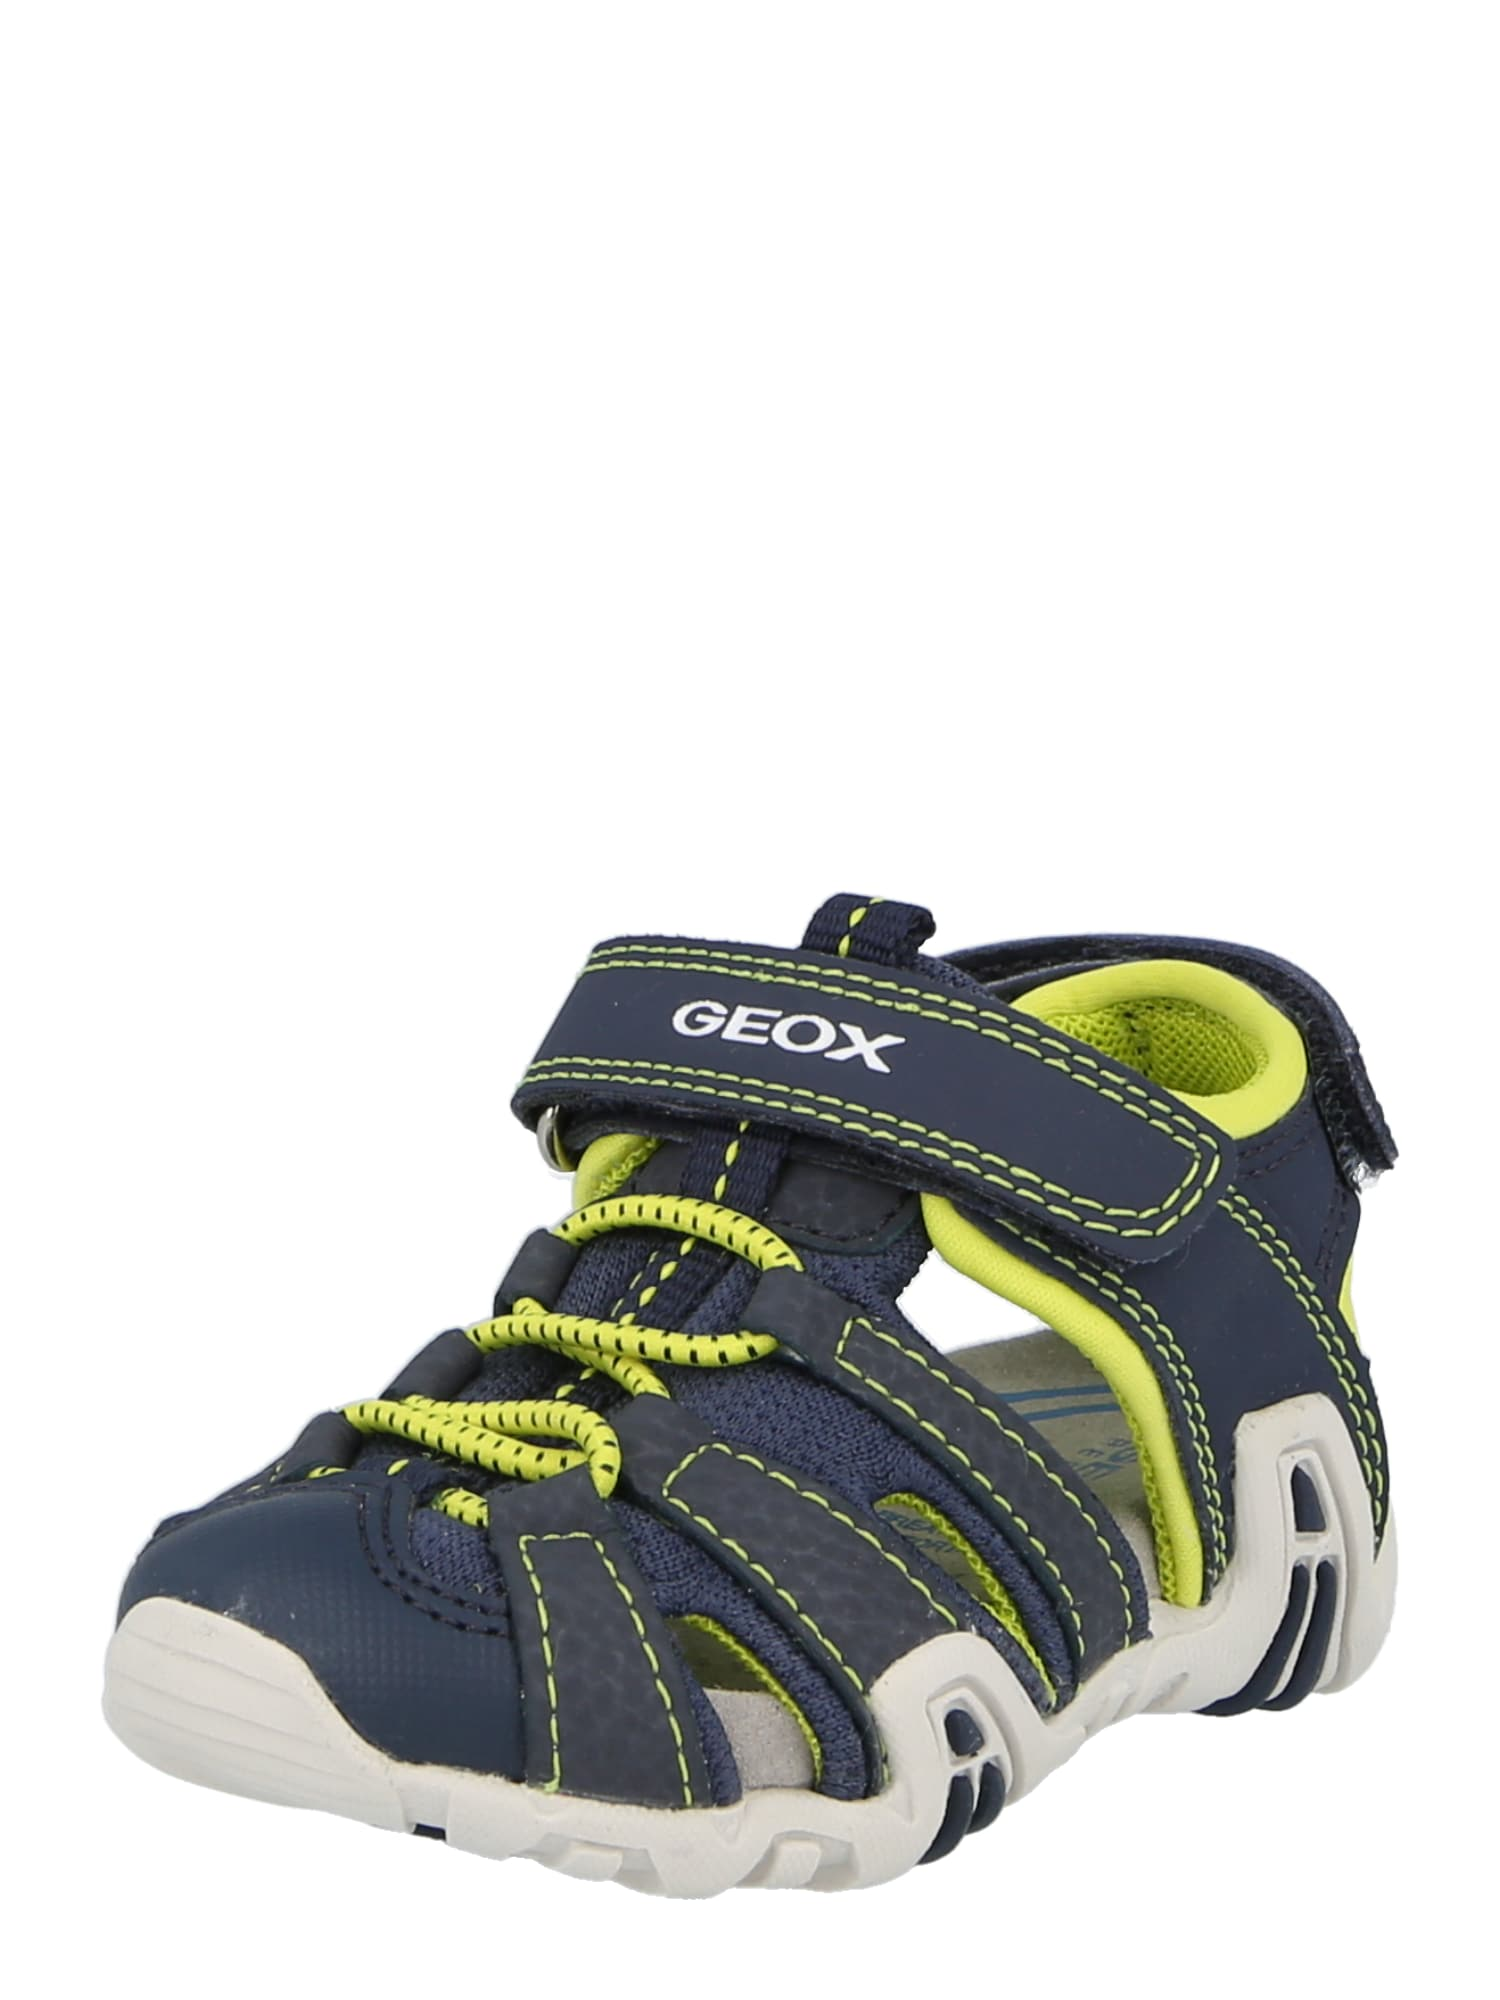 GEOX Kids Atviri batai